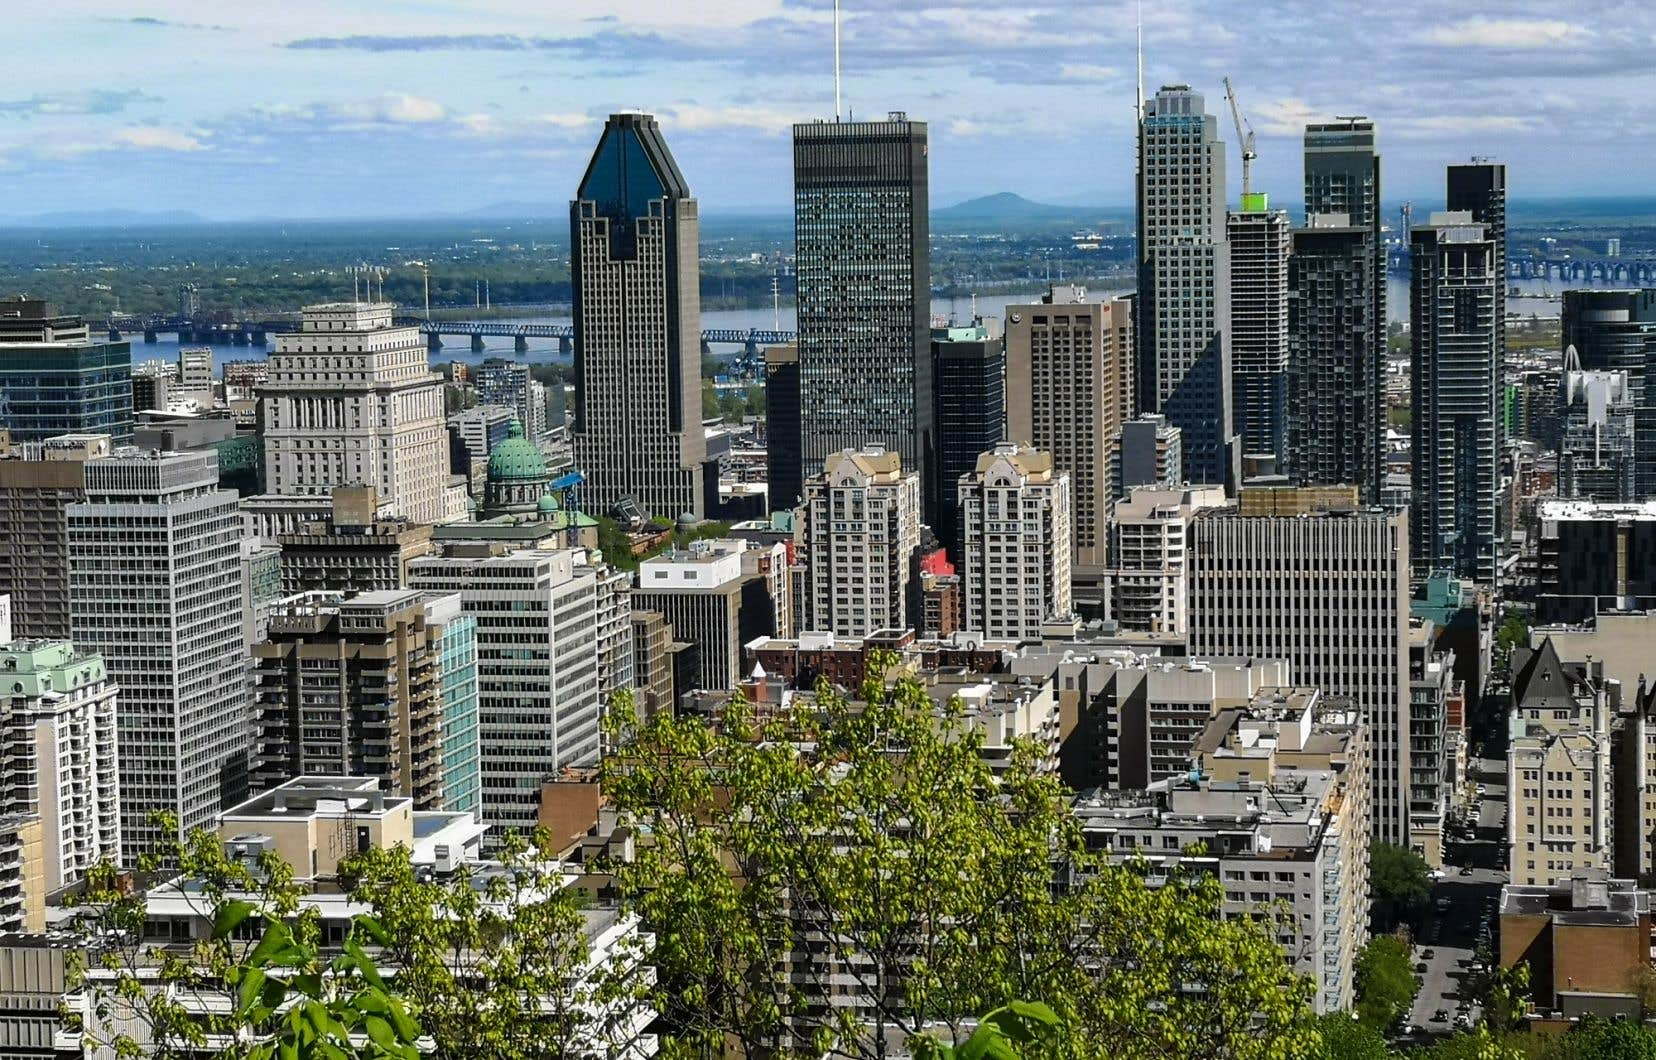 L'important projet immobilier, situé sur le site de l'ancien Hôpital de Montréal pour enfants, dans le quartier Peter-McGill, a été approuvé par la Ville en juin 2017 à la suite d'une consultation publique menée par l'OCPM. La proposition prévoyait alors d'aménager 174 logements sociaux dans la sixième tour du projet. Le bâtiment devait comprendre 20 étages.